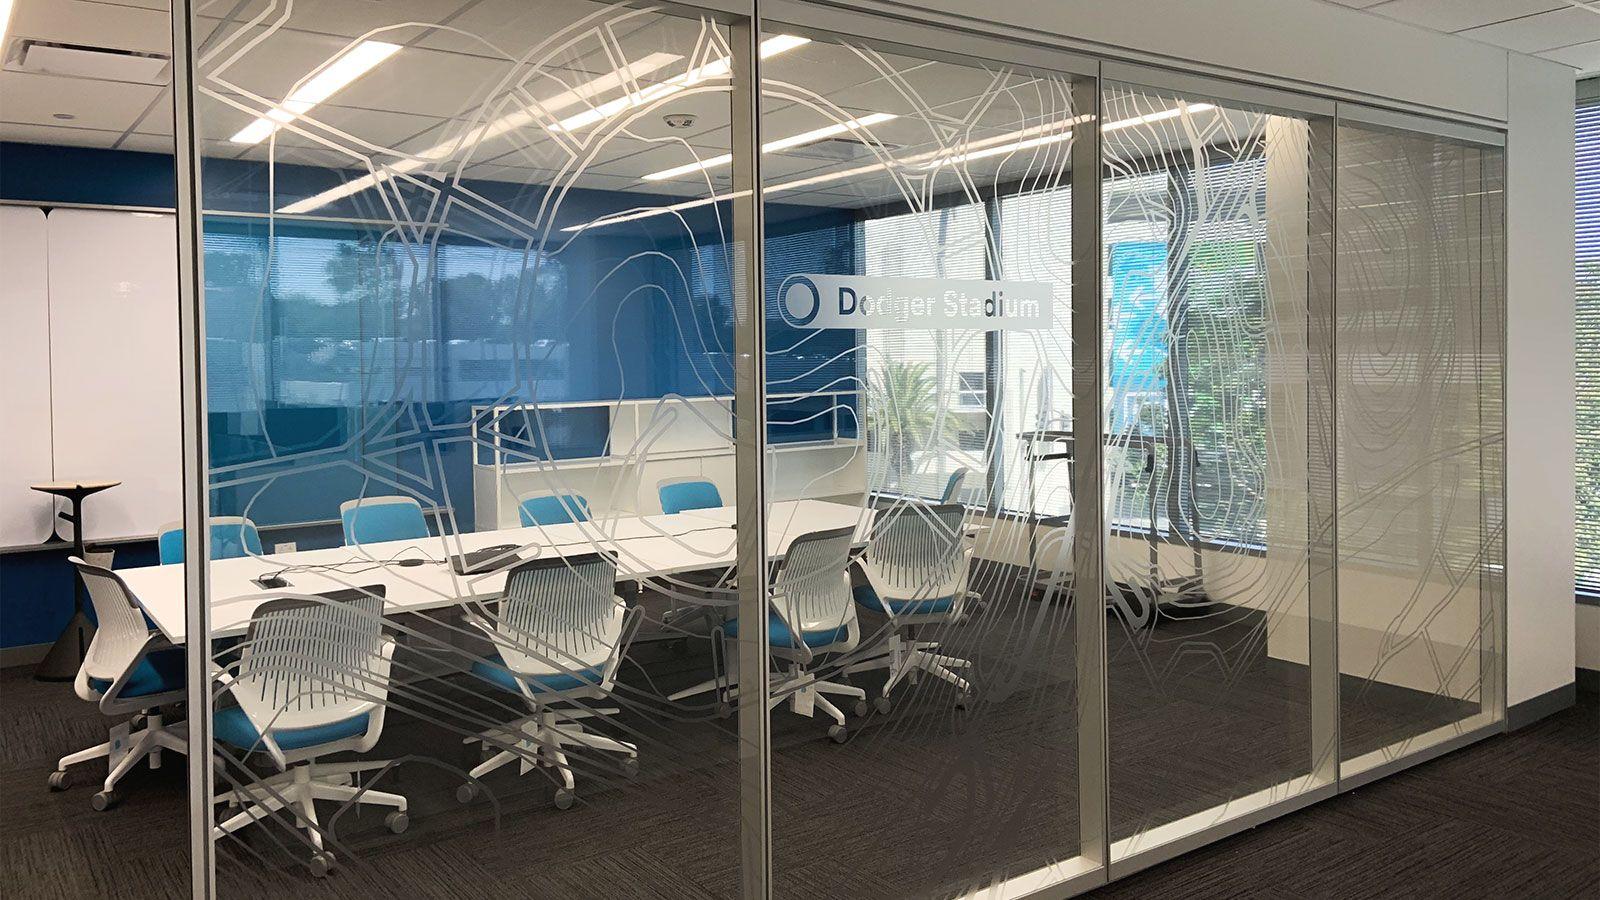 Neutrogena Office decals